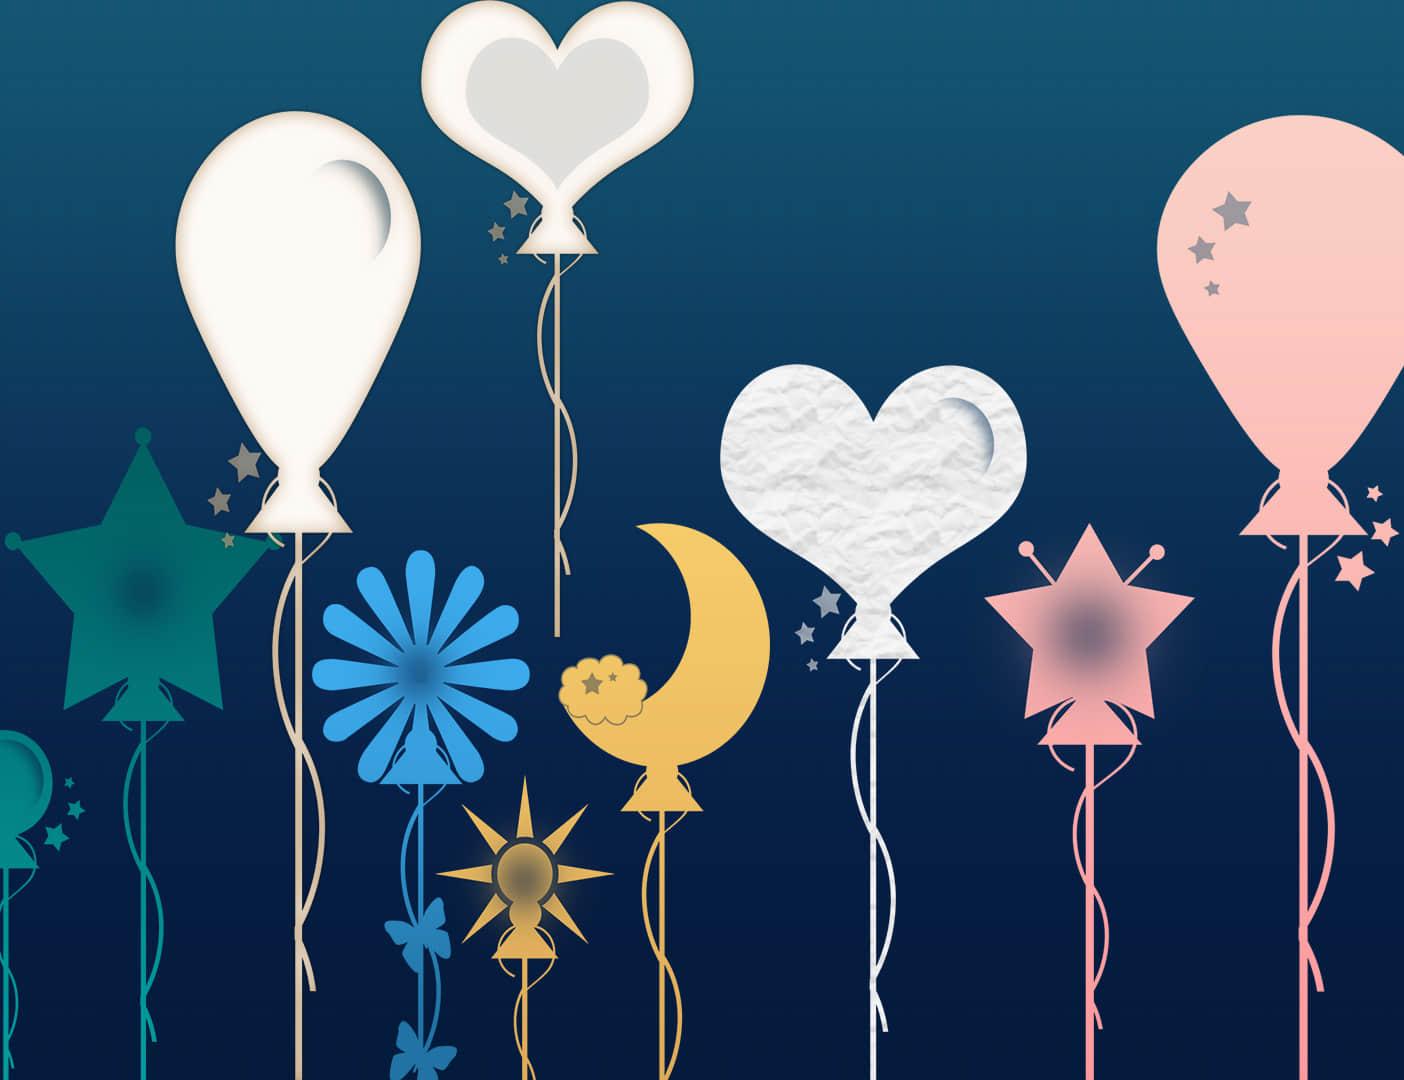 爱心、星星、月亮、花朵气球图案PS装扮笔刷